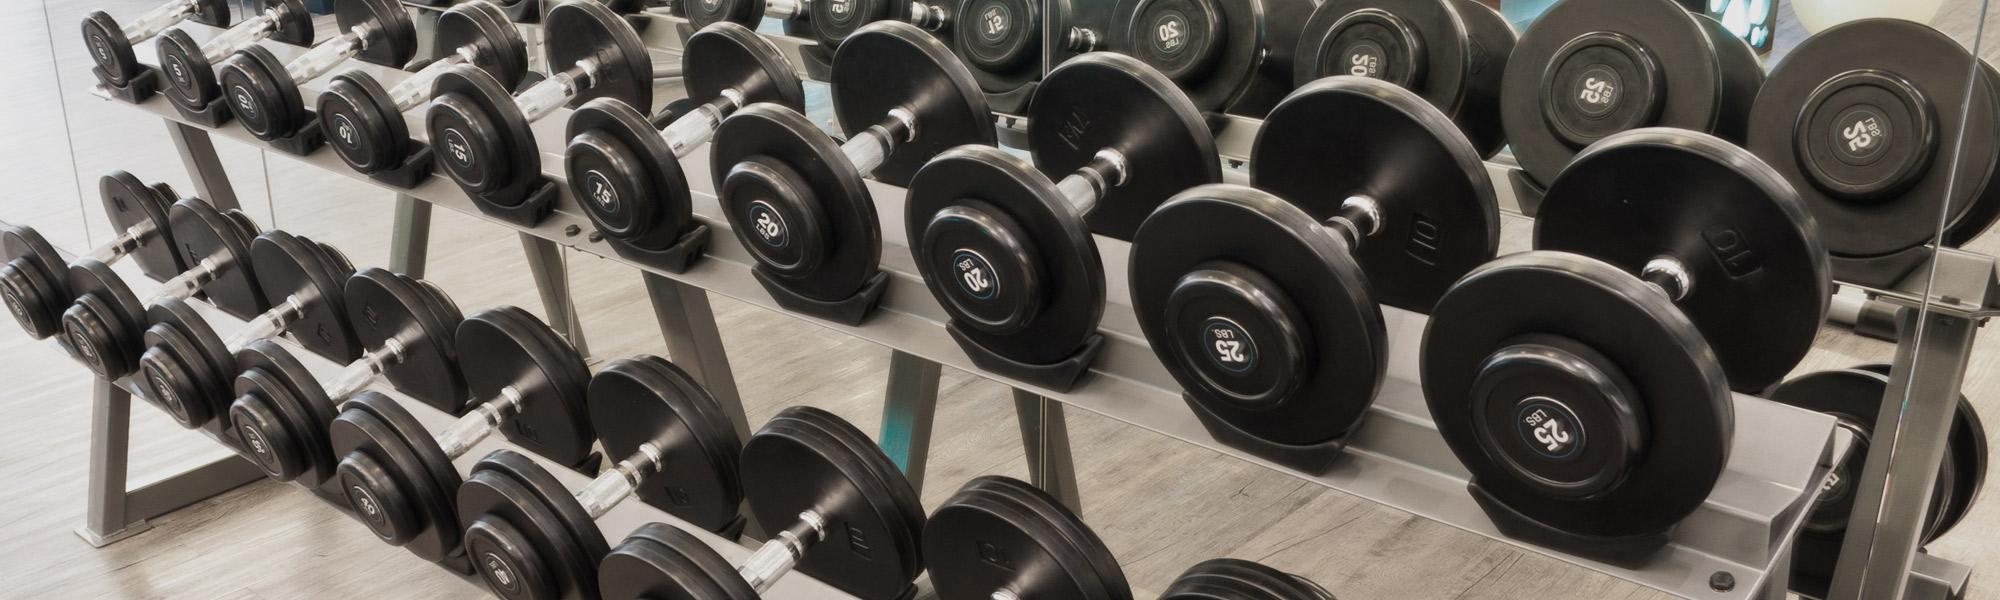 MegaFitness Gym In Myrtle Beach